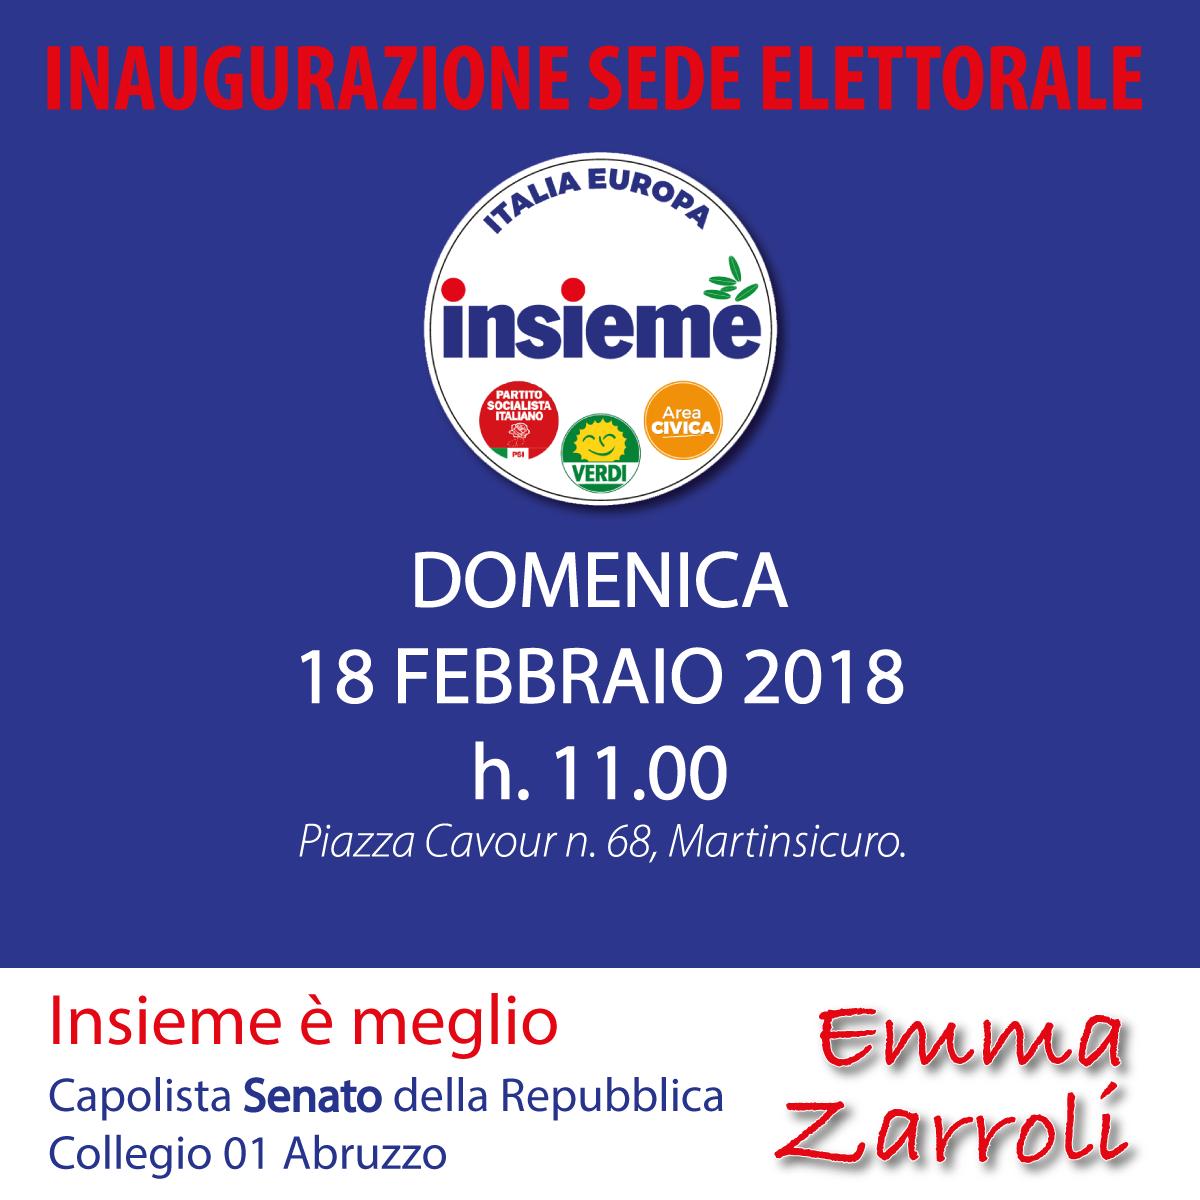 Abruzzo verso le elezioni. Inaugurazione della sede elettorale di